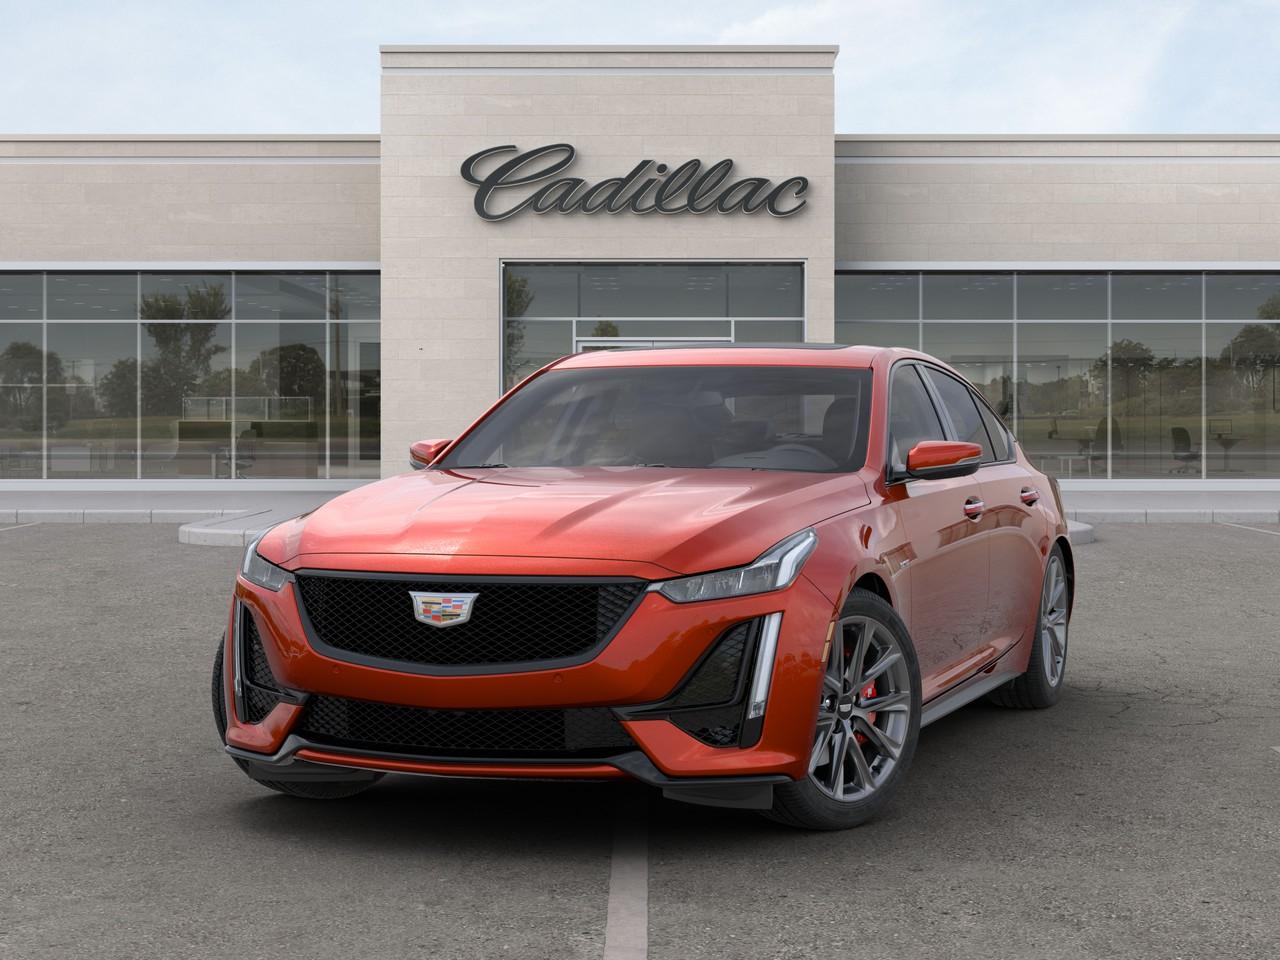 2020 CADILLAC CT5 V-Series Car